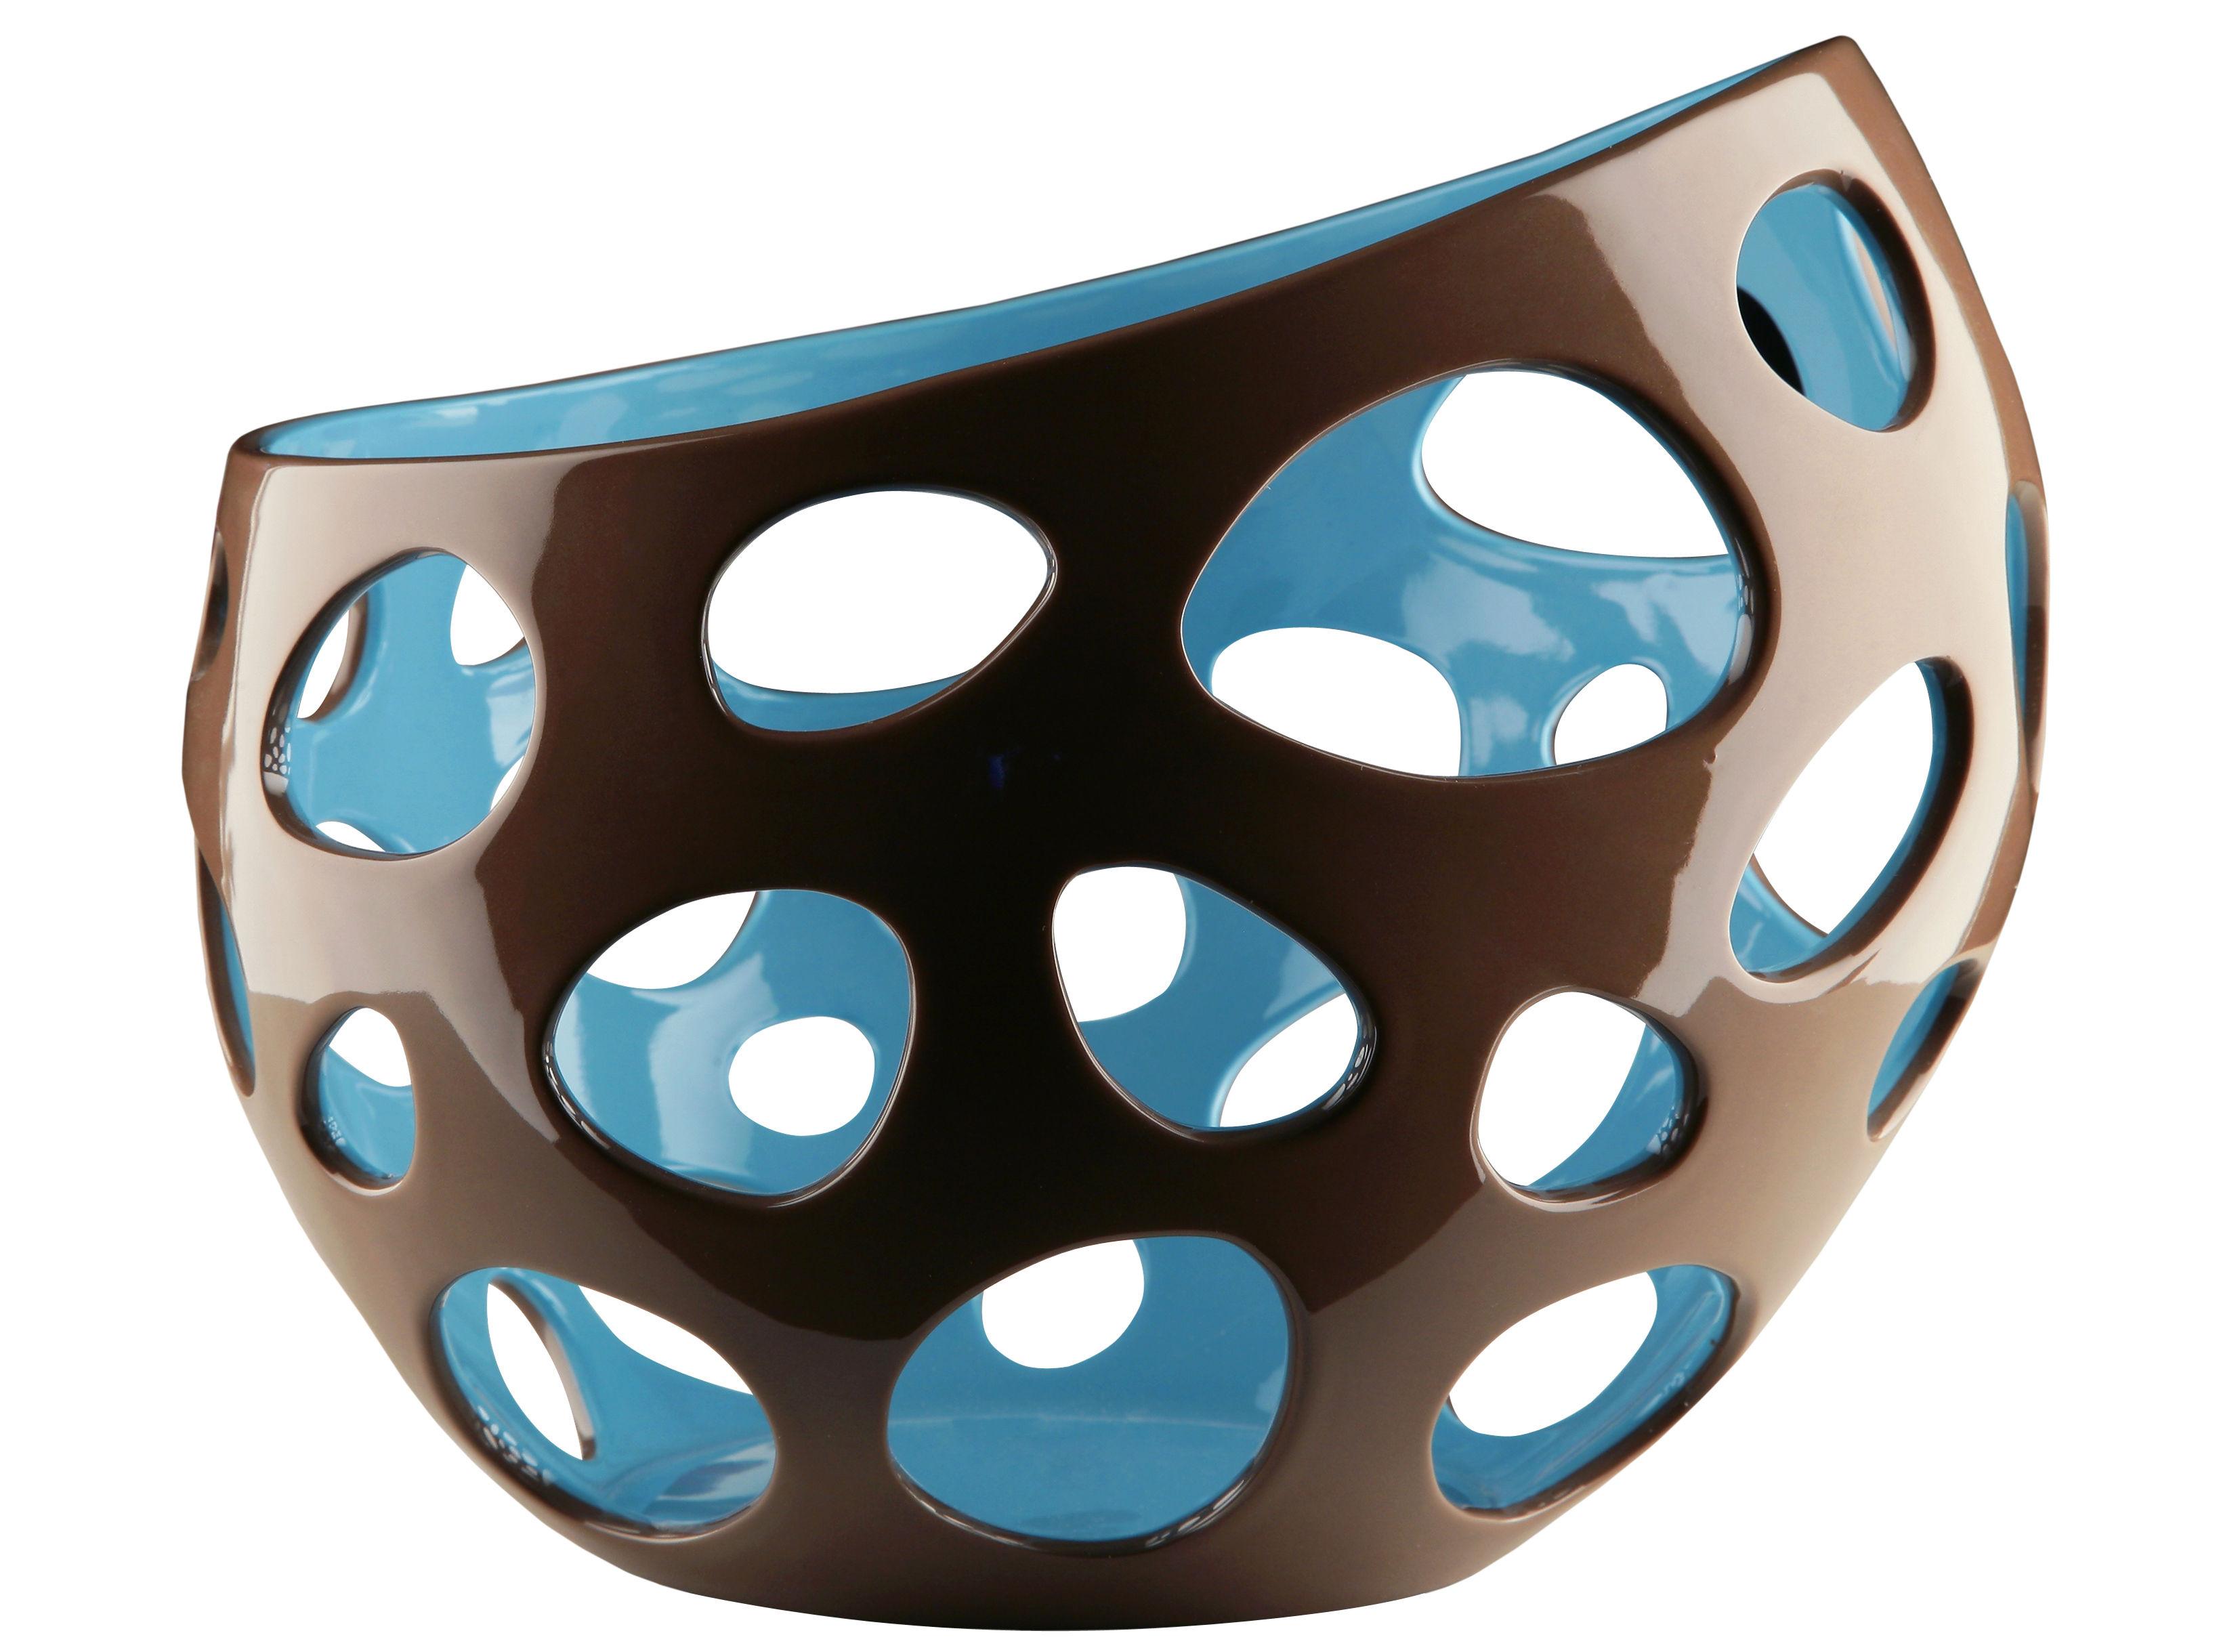 Baby Basket - Citrus basket Brown - Blue inside by Alessi